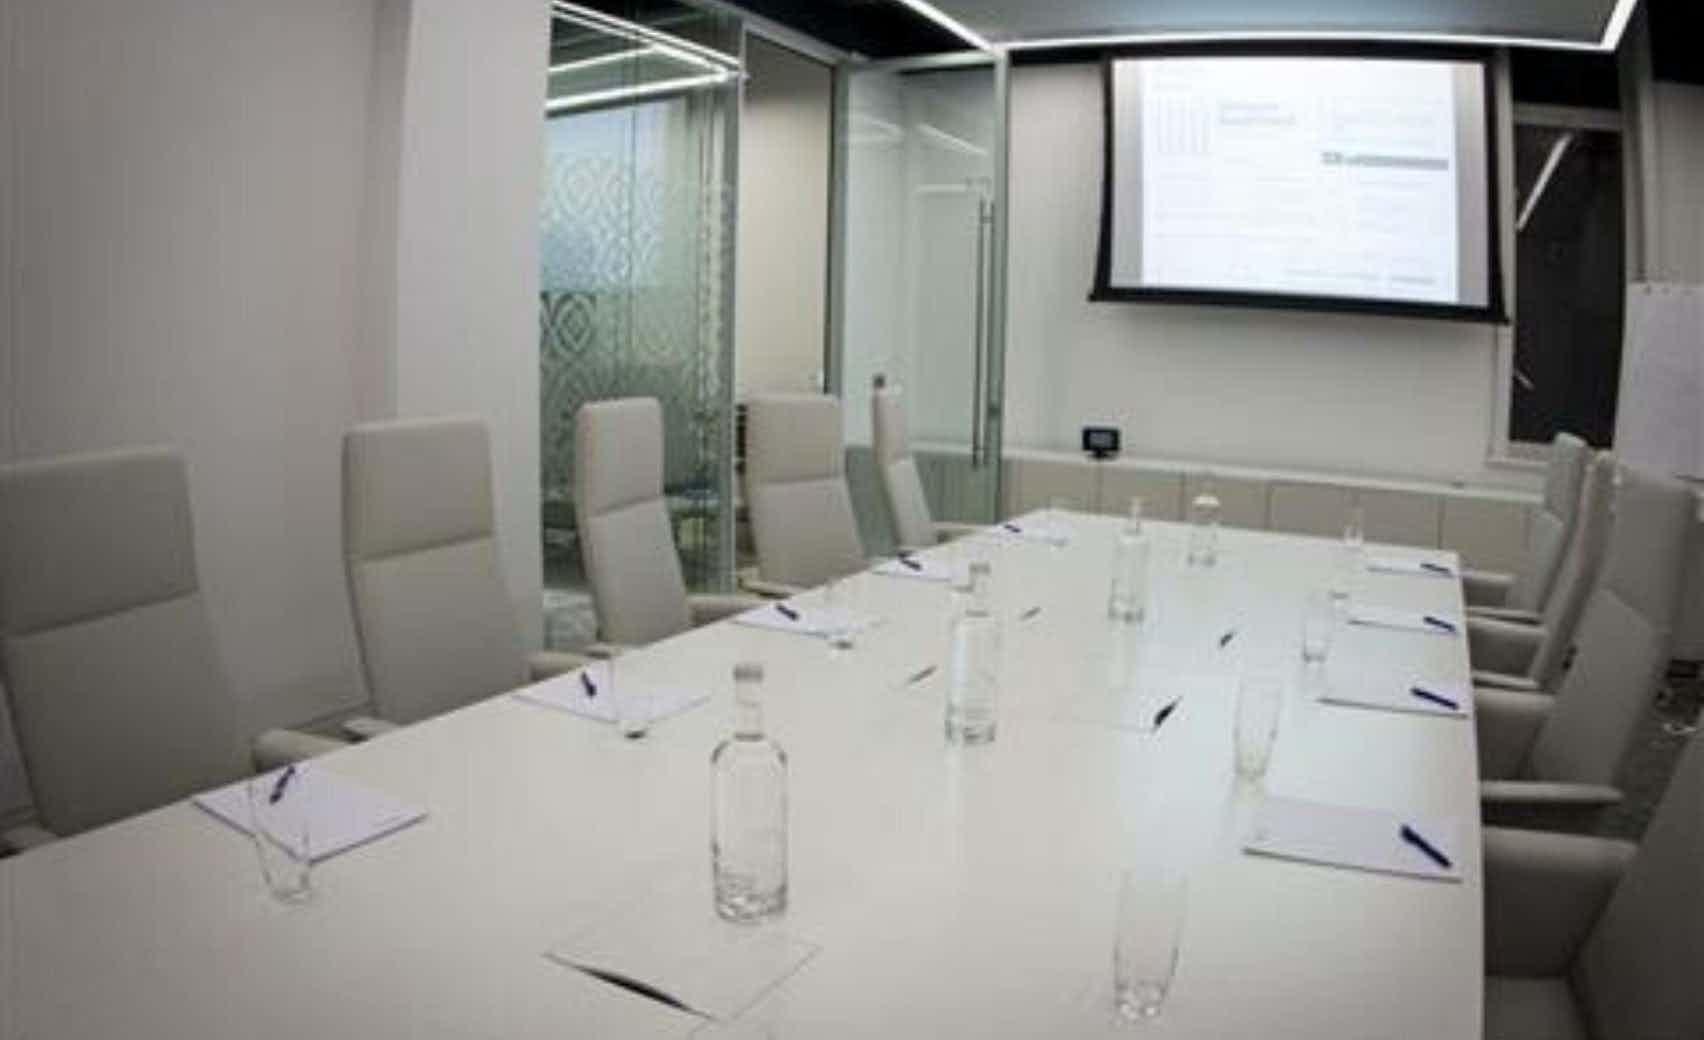 Ground Floor Meeting Room 6.7, 30 Euston Square